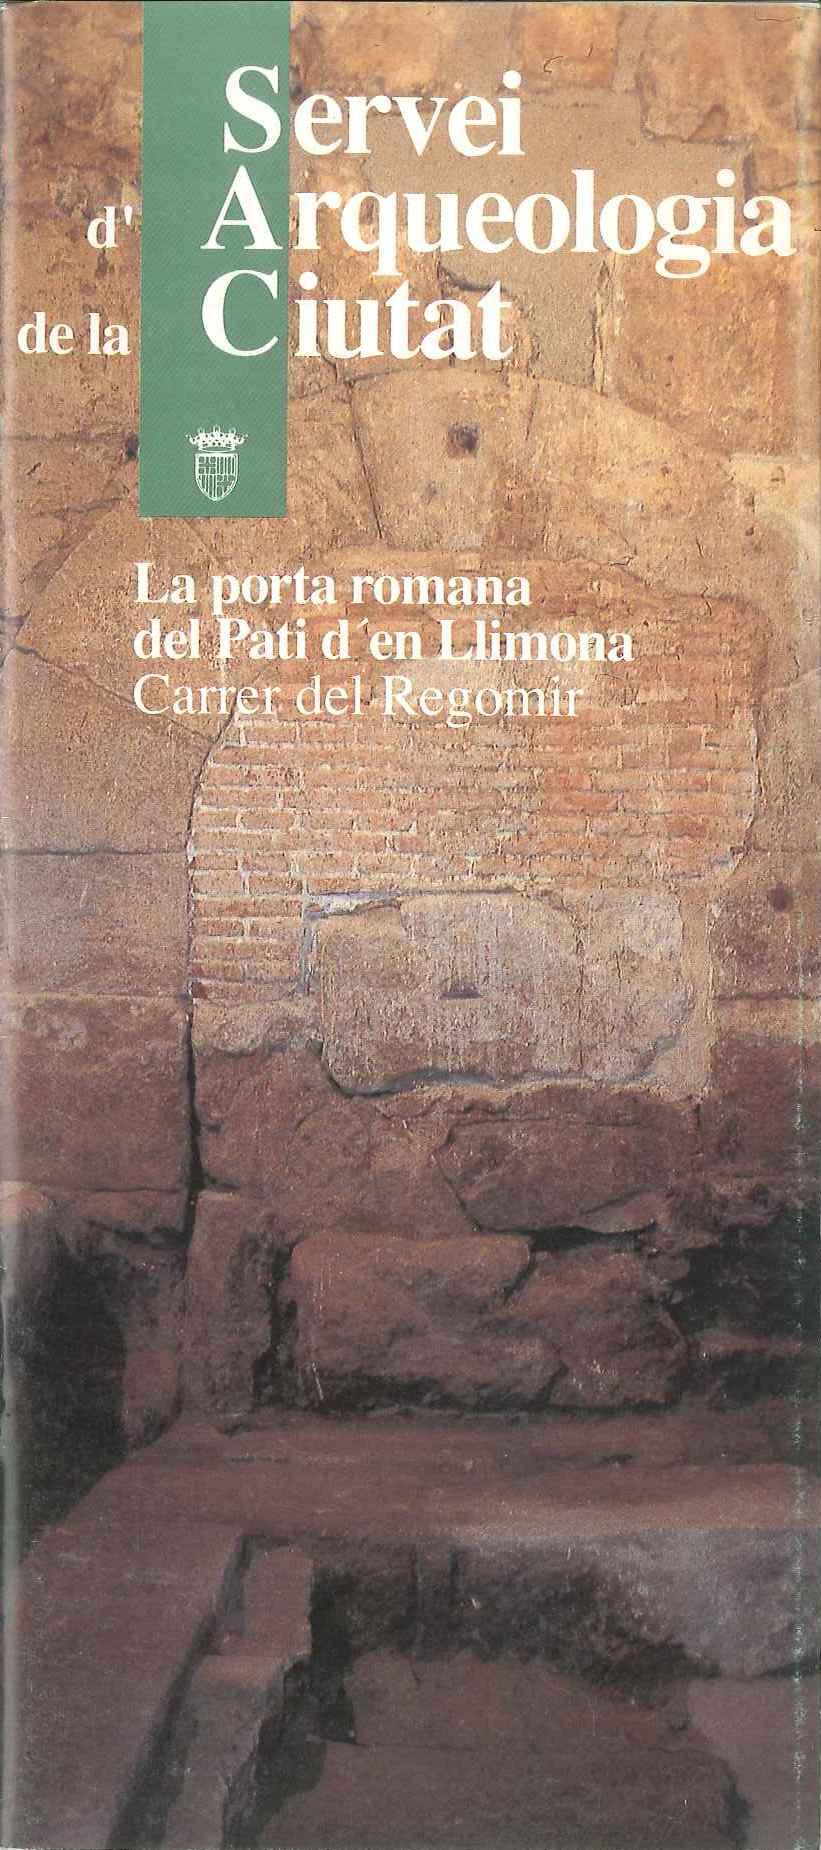 La porta romana del Pati d'en Llimona : carrer del Regomir